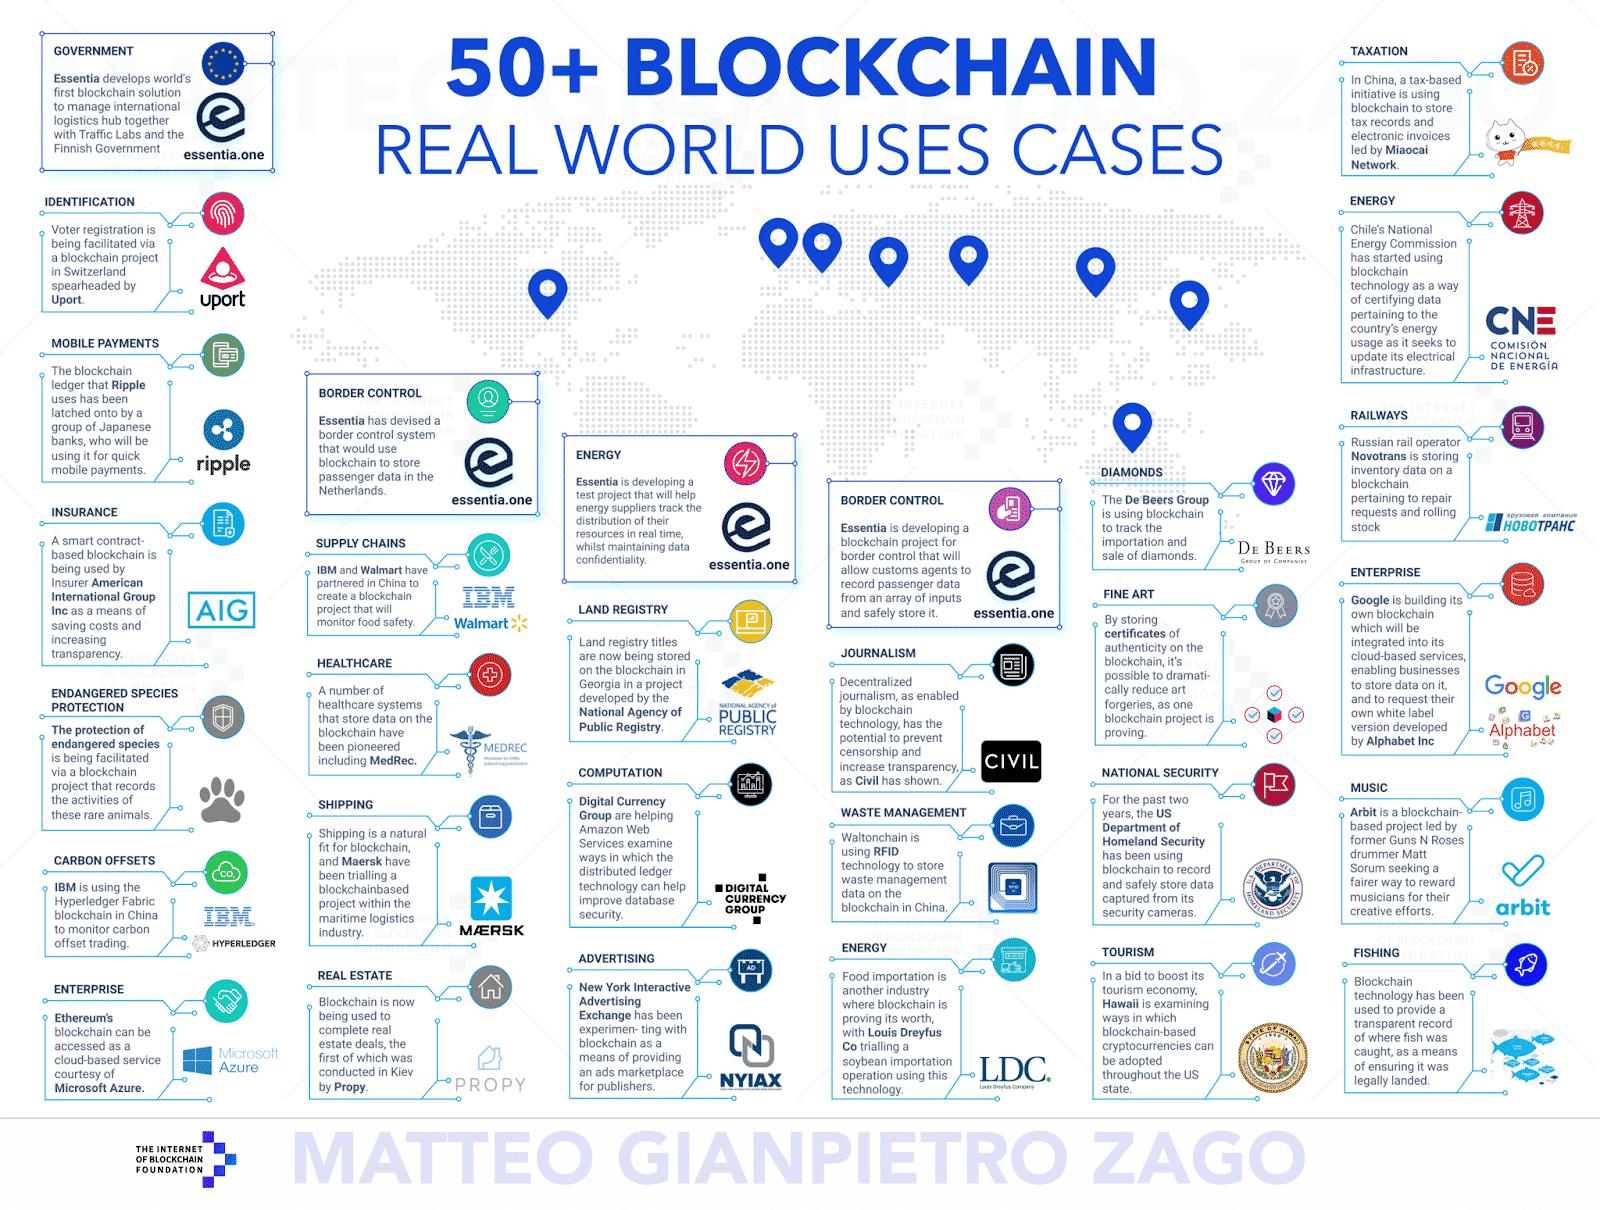 cas d'usage de la blockchain